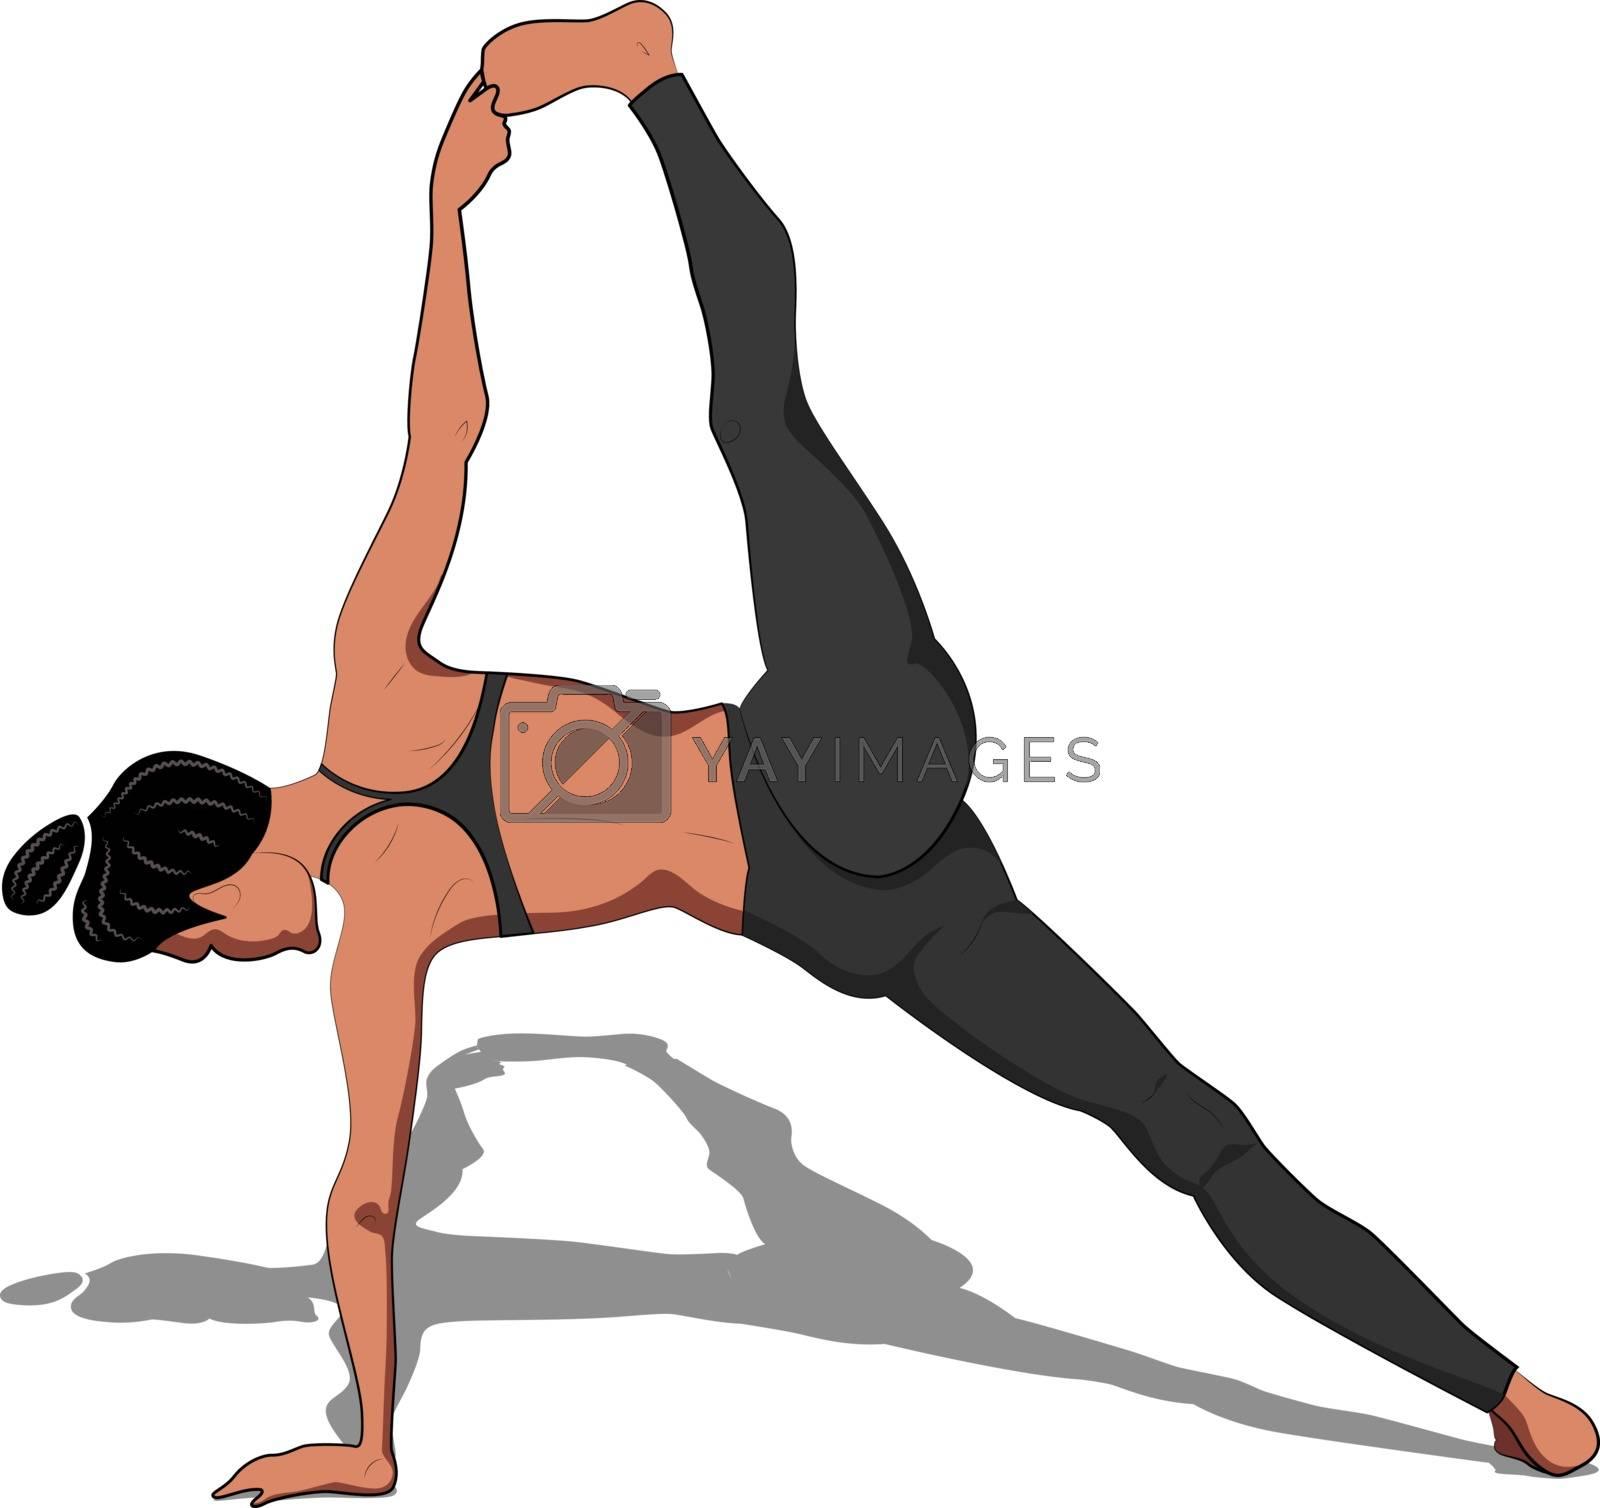 Vector yoga illustration. Healthy lifestyle with yoga pose. Yoga asana Vasishthasana II.